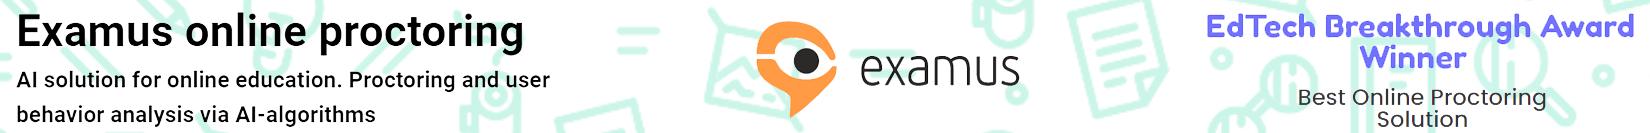 Examus Online Proctoring